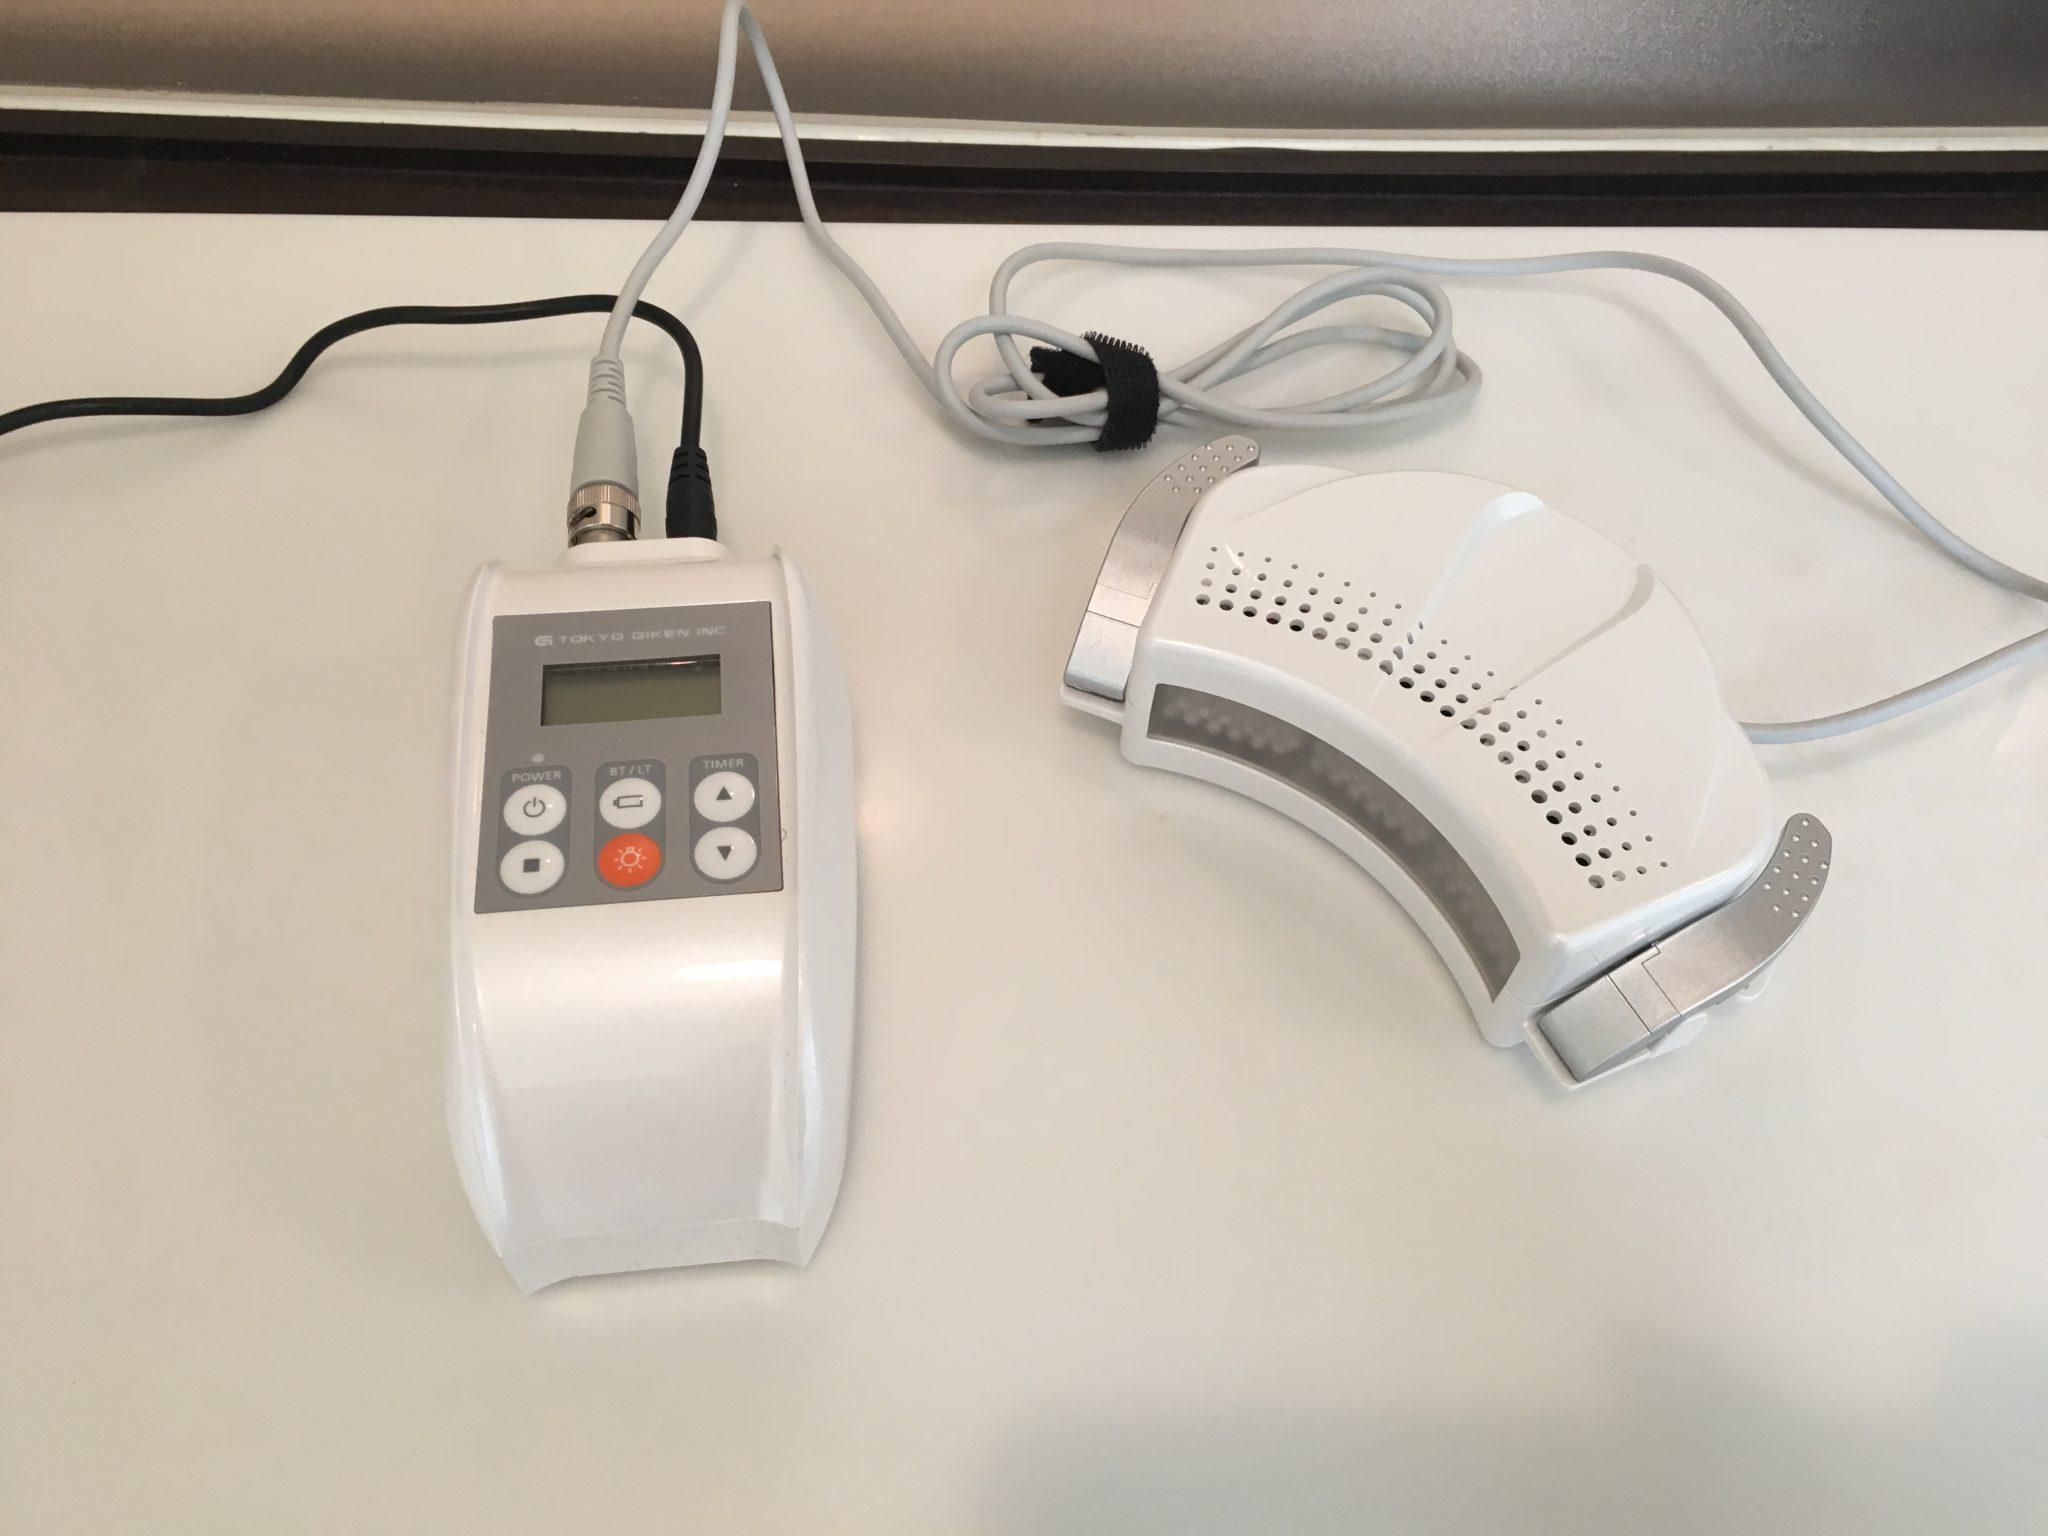 ホワイトニング用光照射器の写真